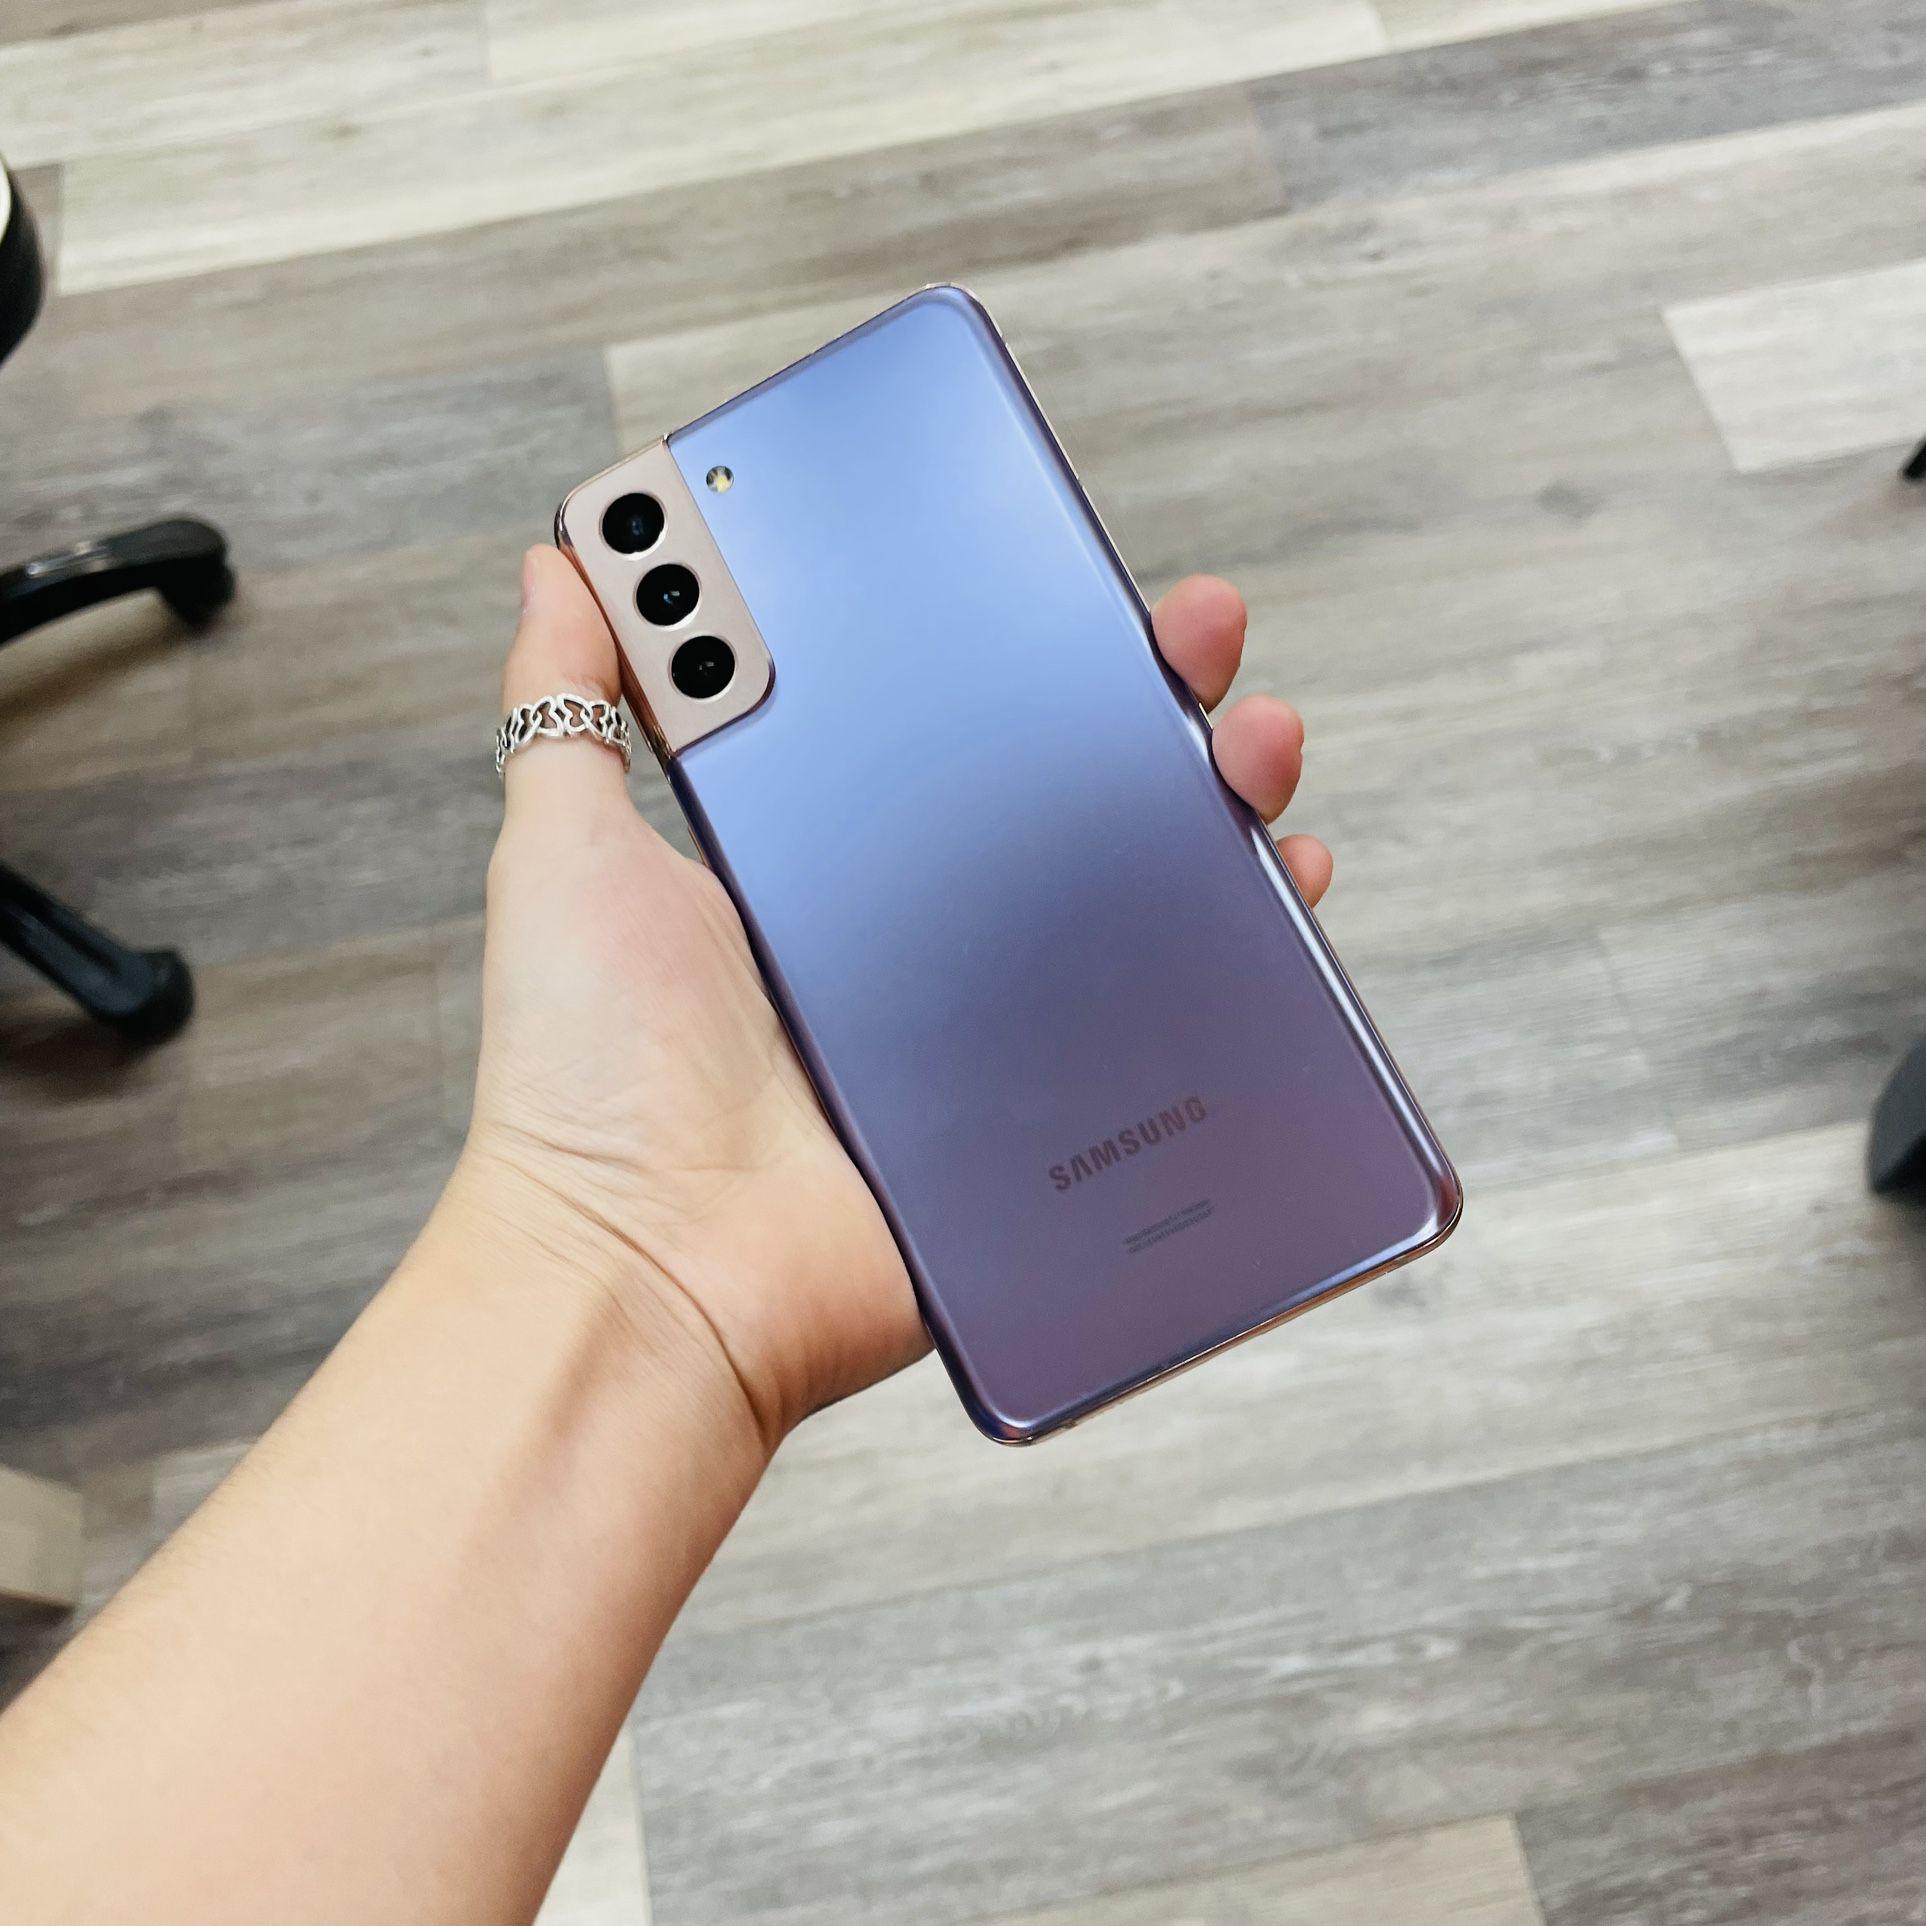 Samsung Galaxy S21+ Unlocked